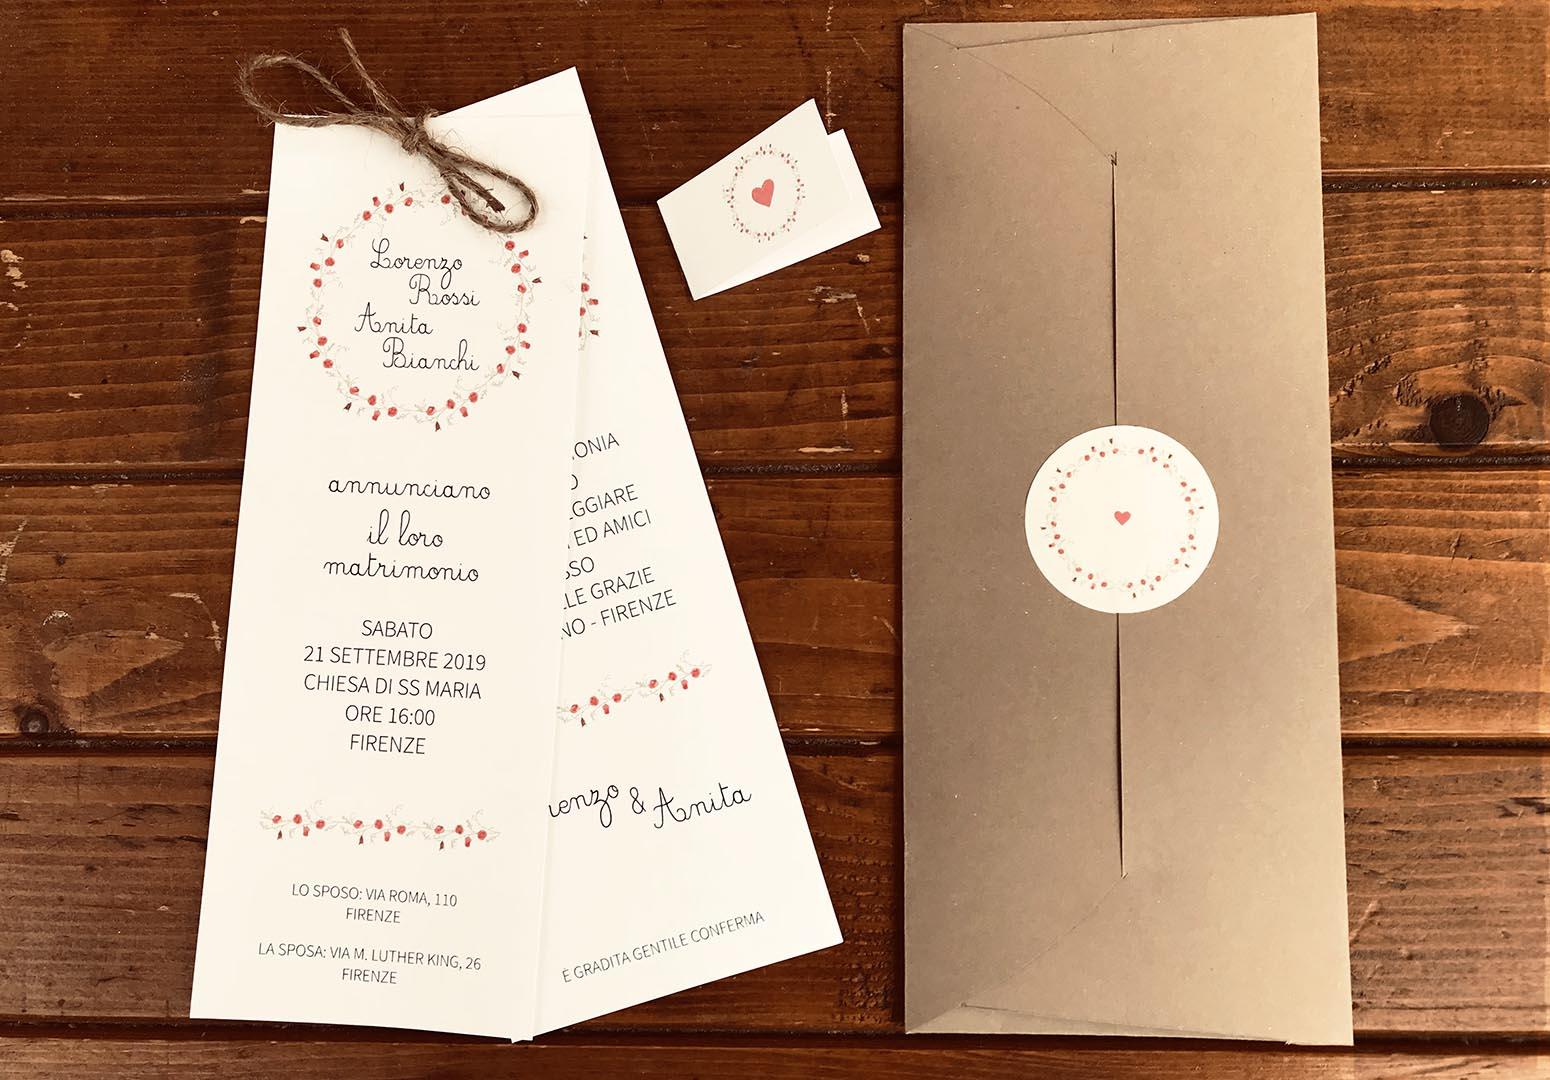 Partecipazioni Matrimonio Costo.Partecipazioni Nozze